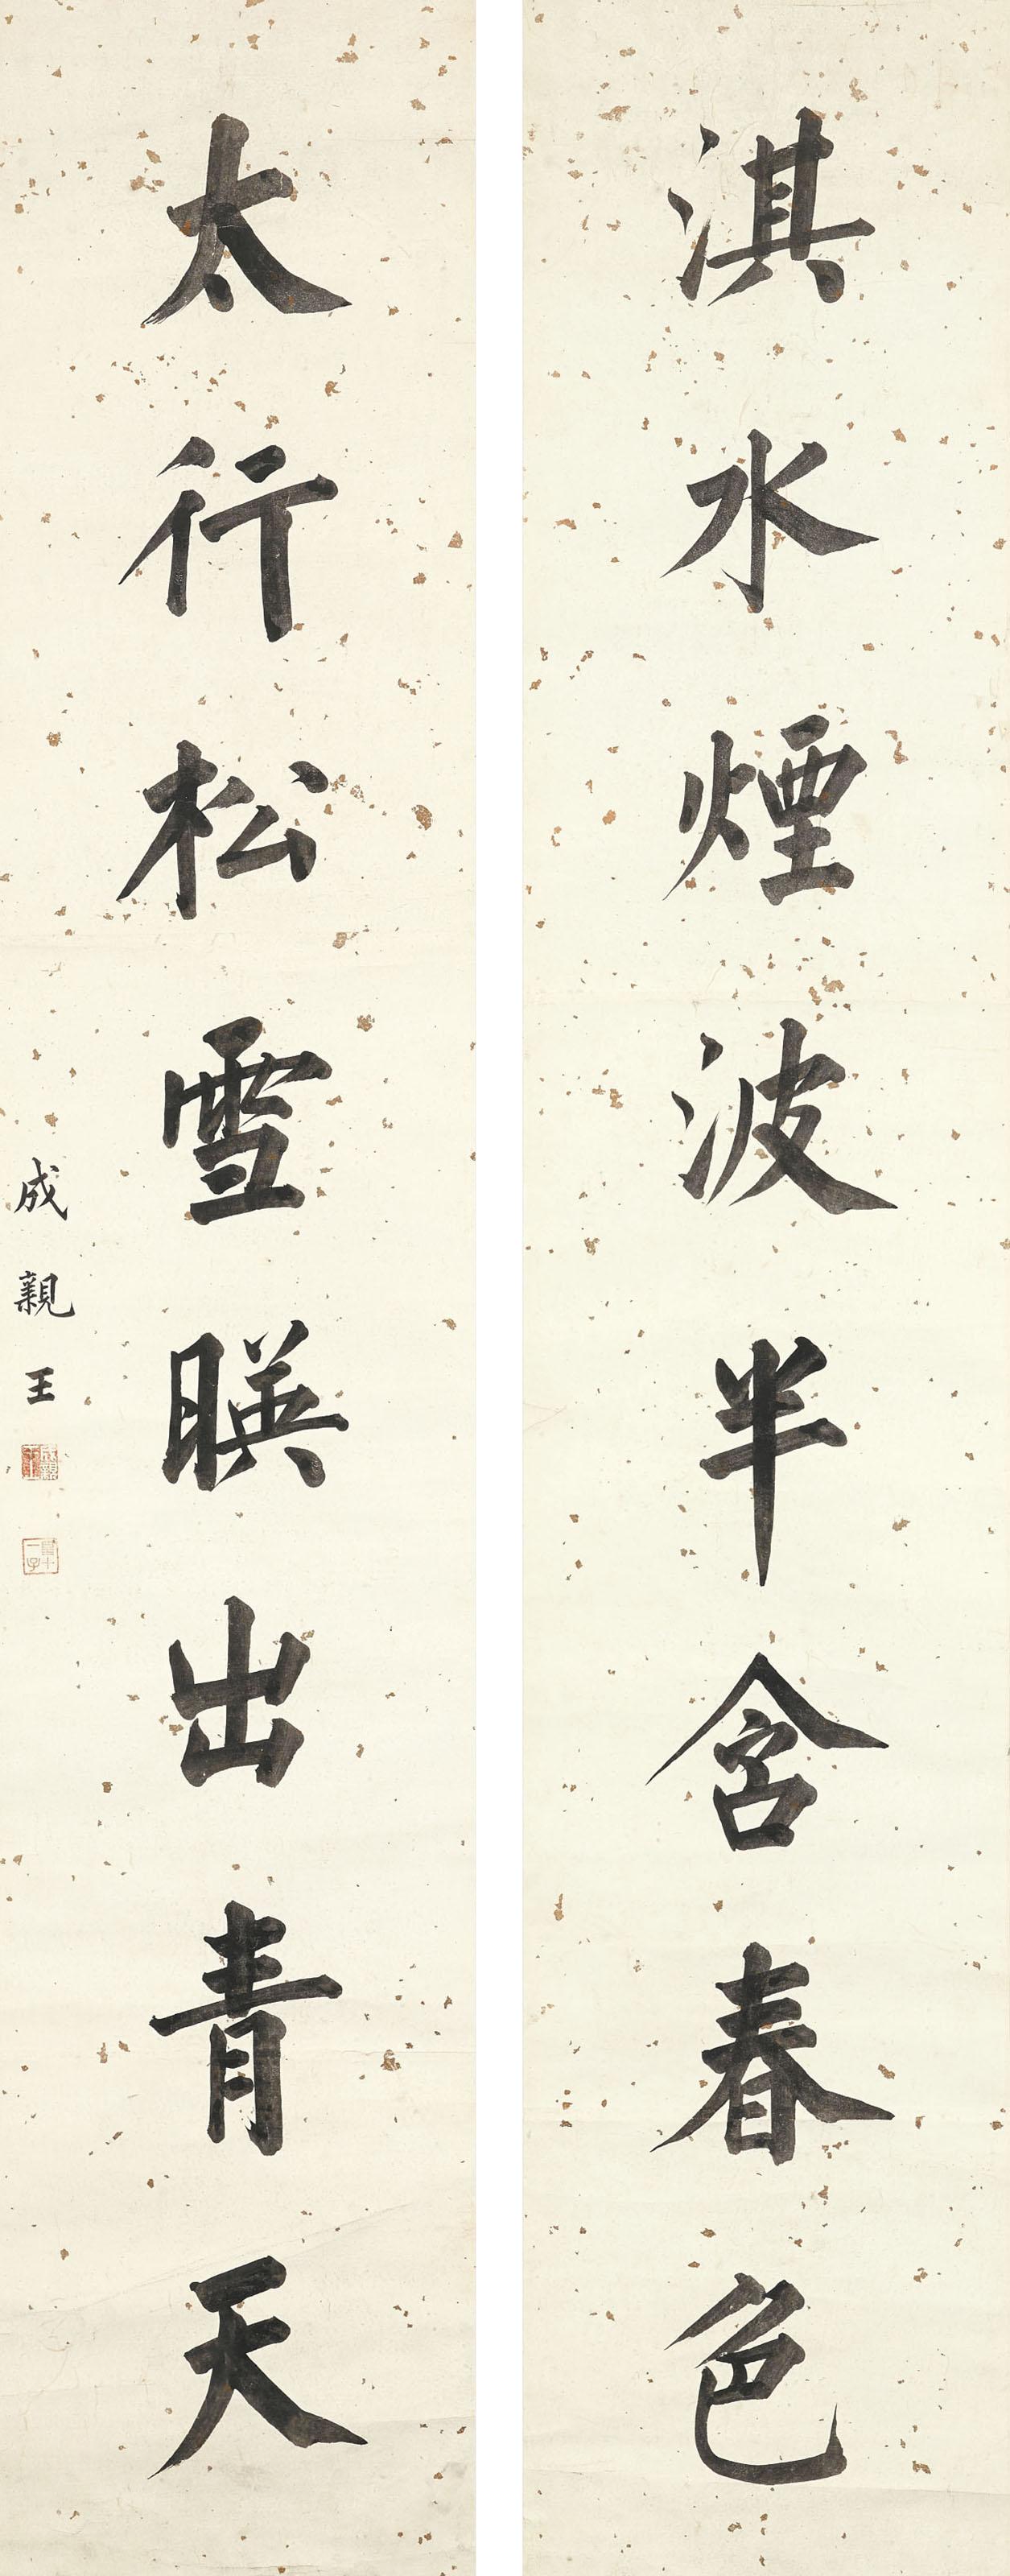 YONG XING (11TH SON OF QIANLON